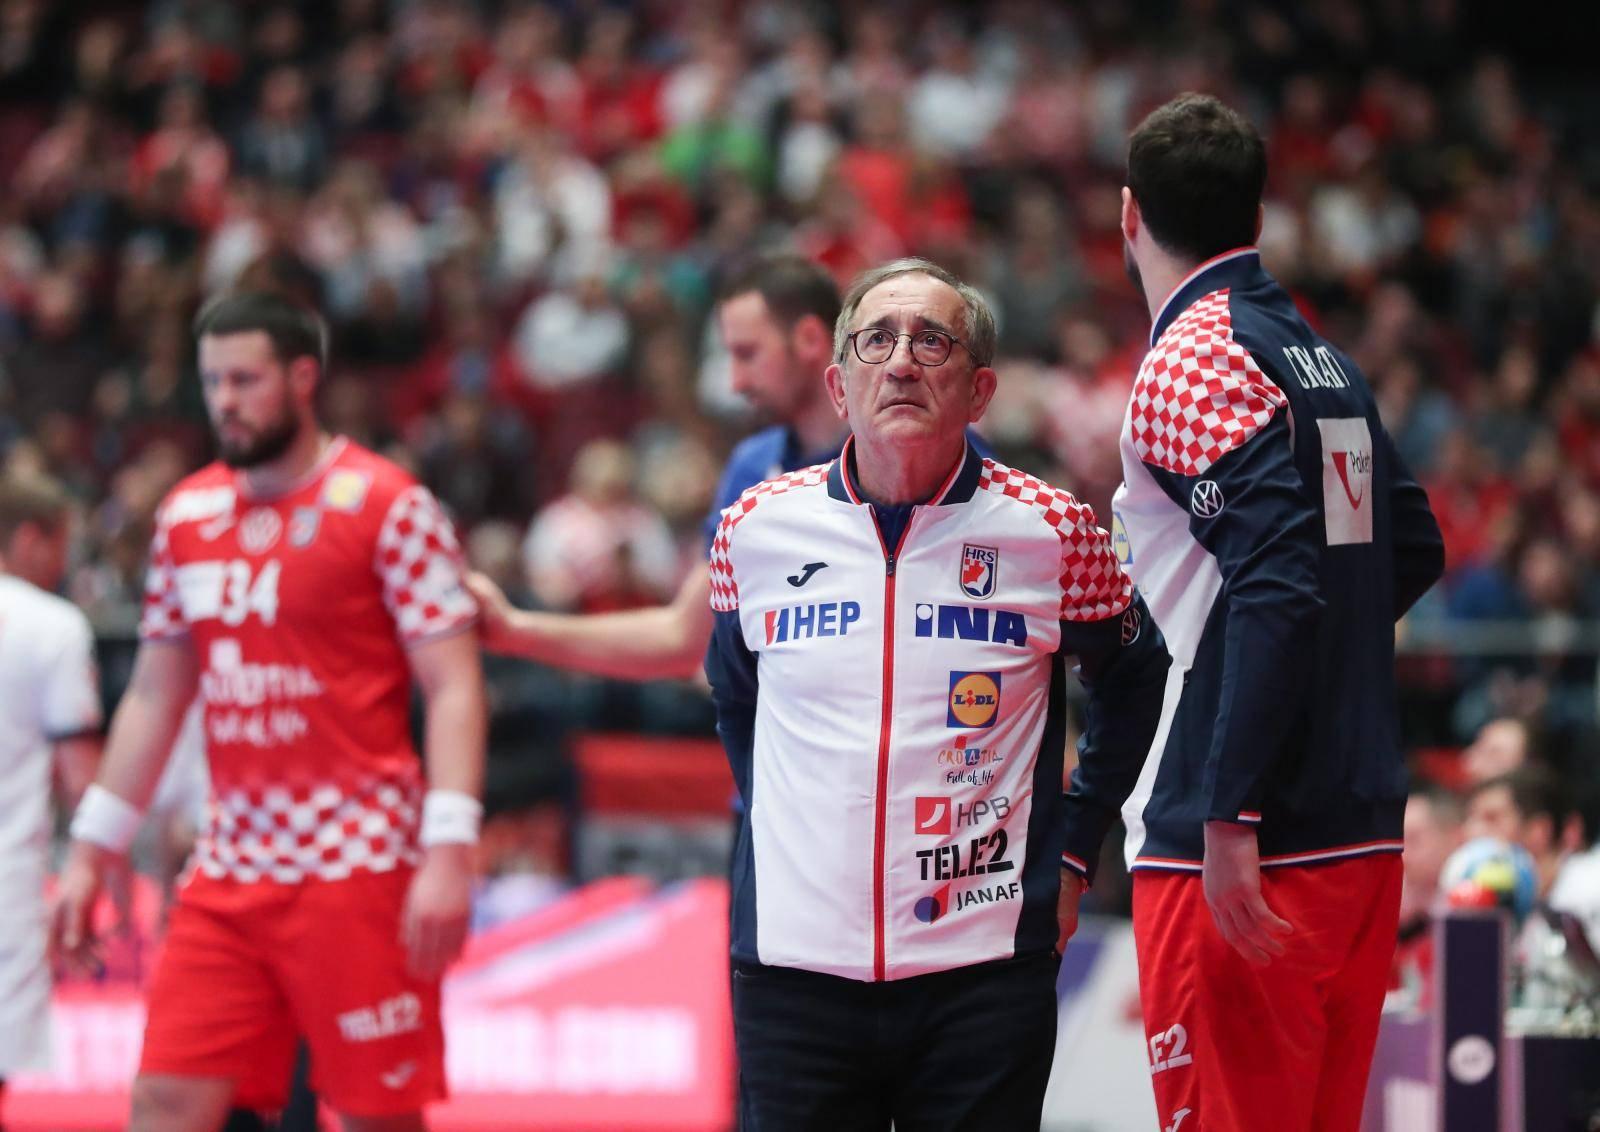 Beč: Hrvatska i Češka susreli se u drugom krugu Europskog prvenstva u rukometu